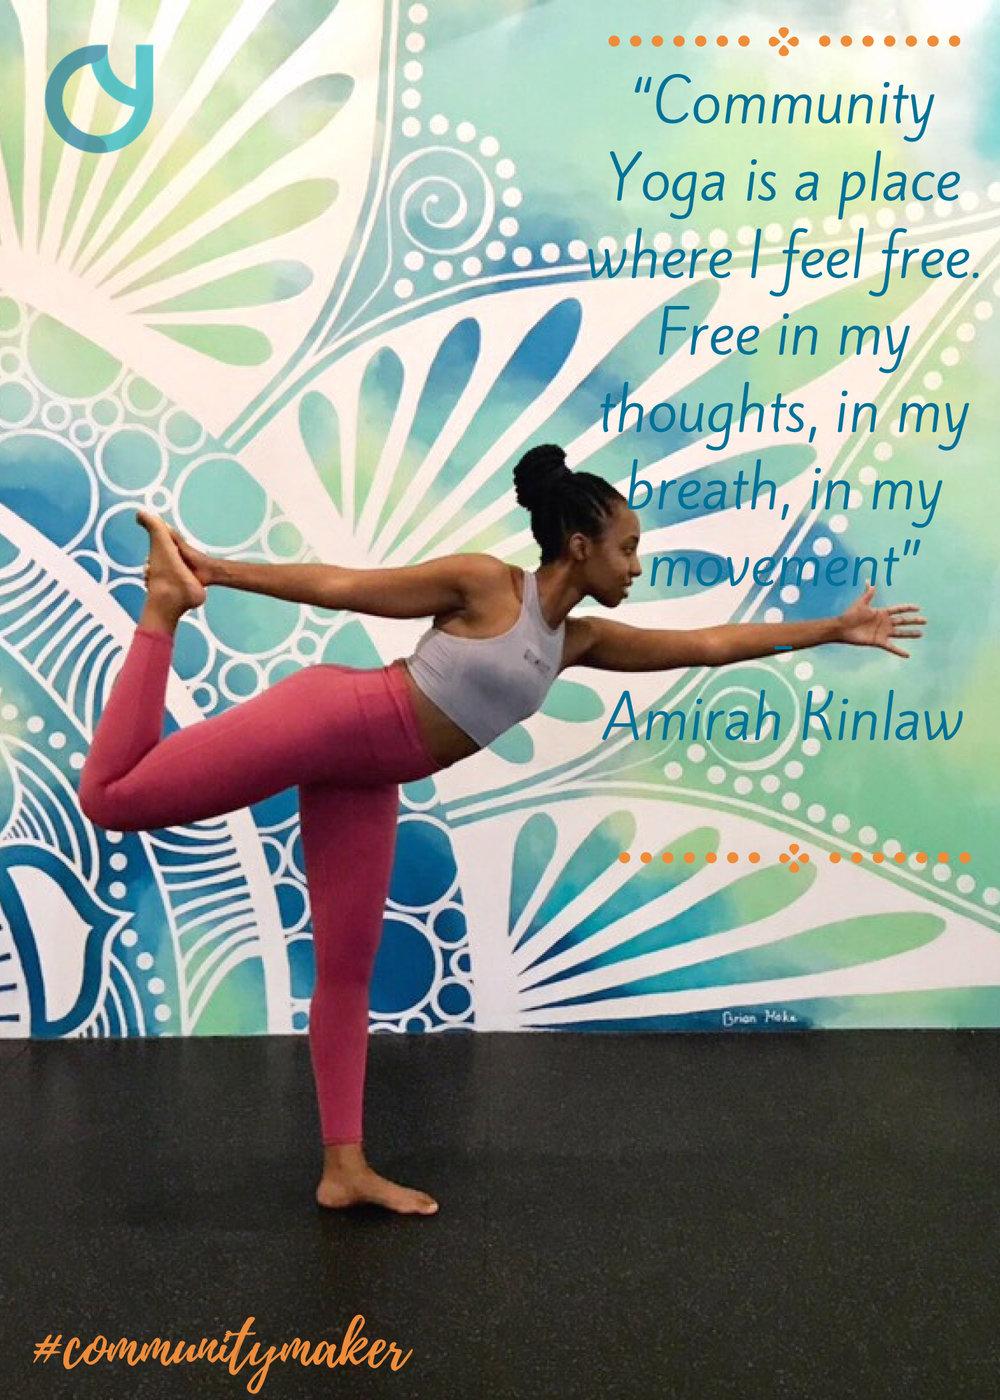 Amirah Kinlaw